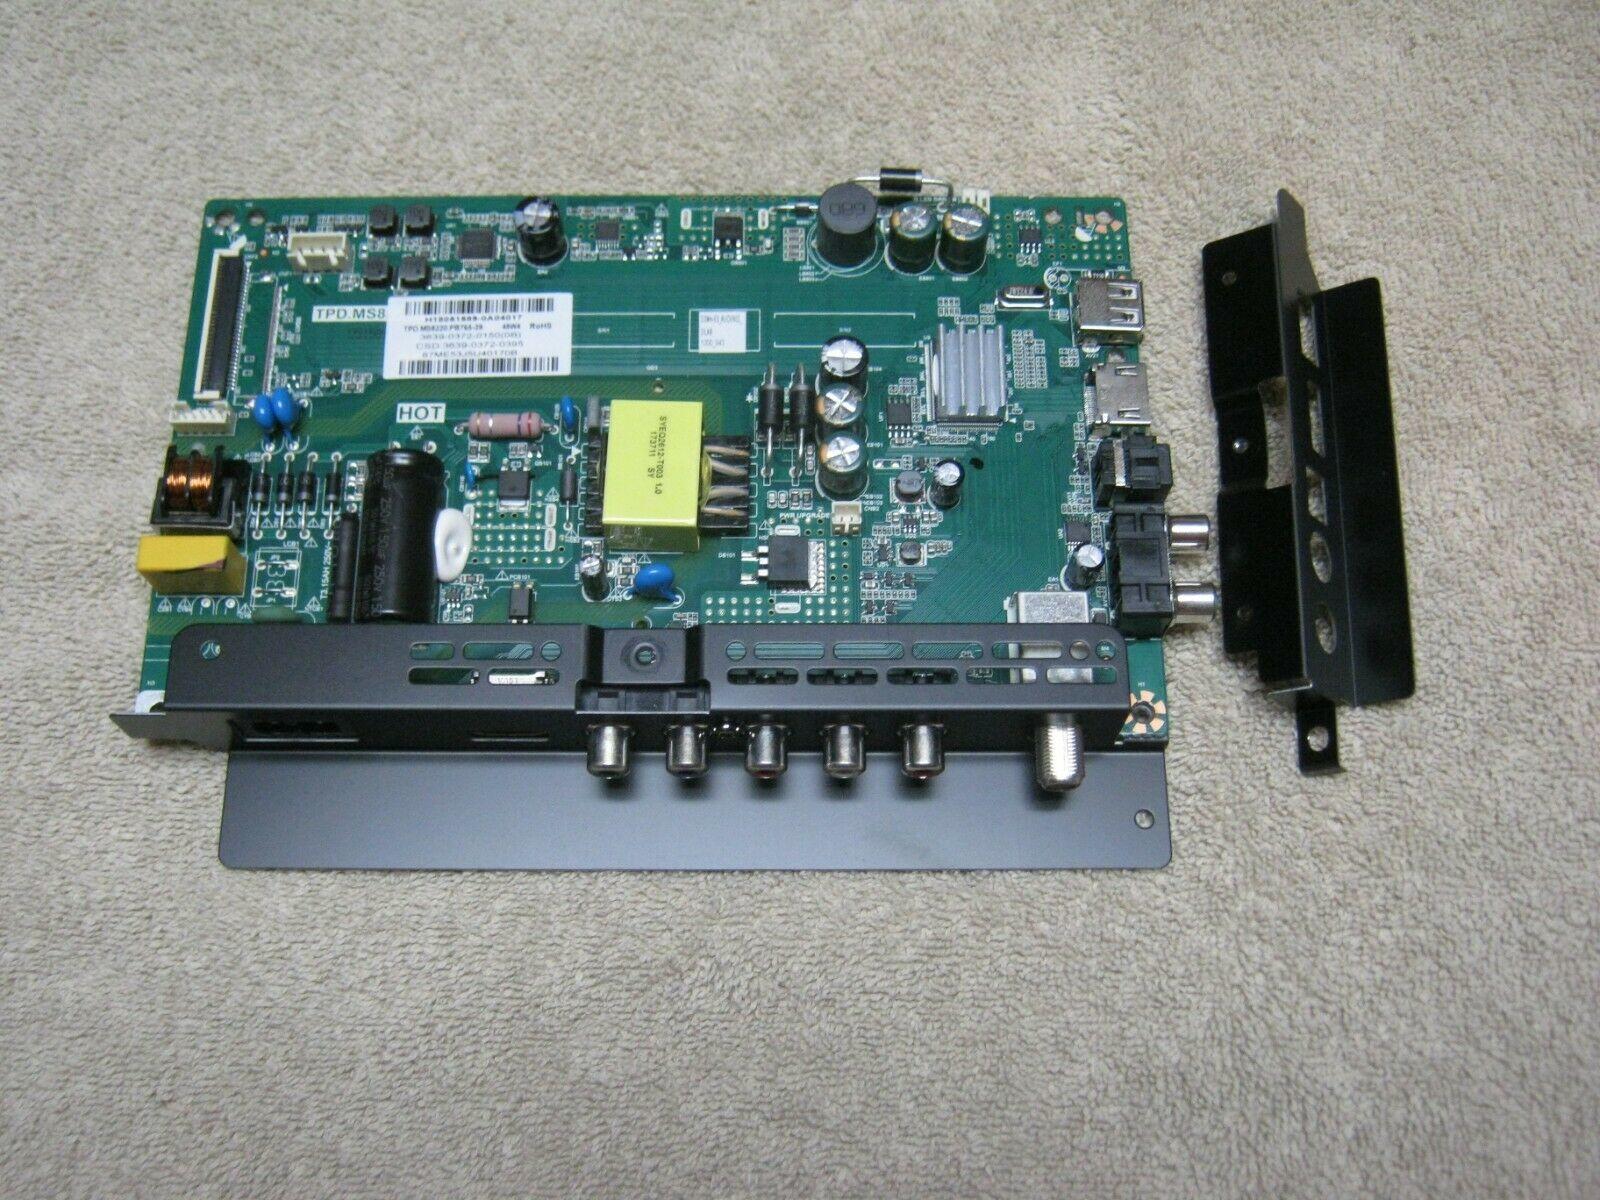 VIZIO 3639-0302-0150 TPD.MS8220.PB765-39 Main Board for D39HN-E0 LAUAVLKU, new!! - $45.00